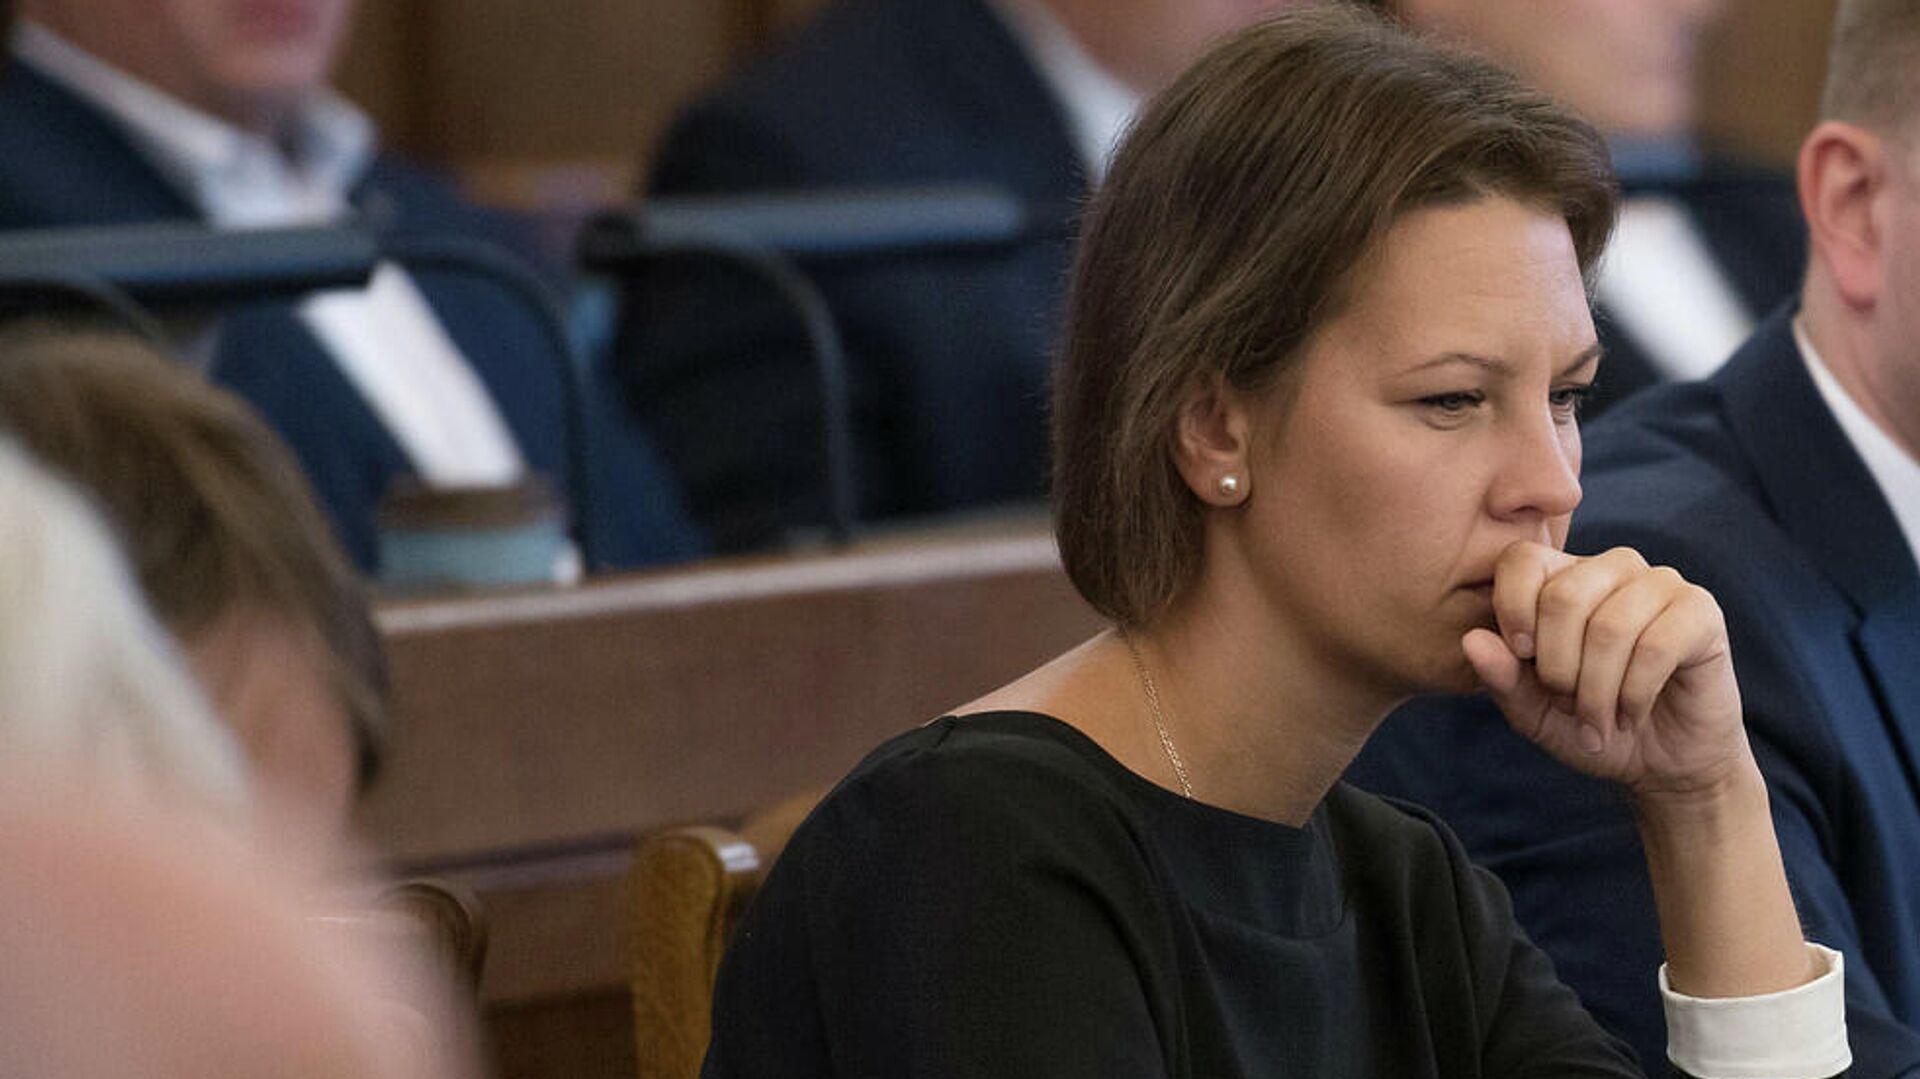 Анита Муйжниеце — министр образования Латвии - Sputnik Латвия, 1920, 04.06.2021